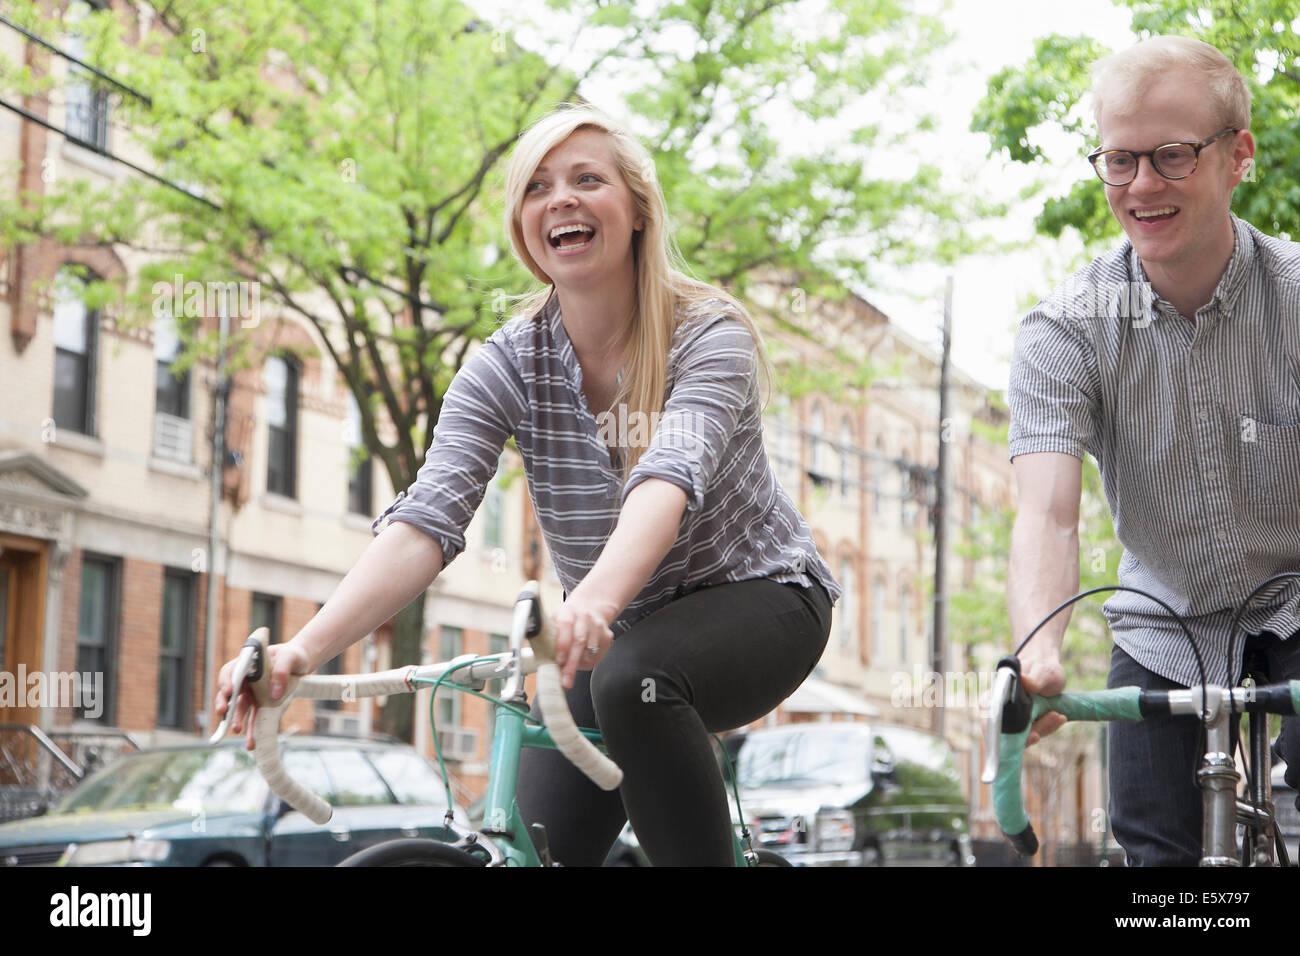 Coppia giovane ridere mentre escursioni in bicicletta lungo la strada Foto Stock